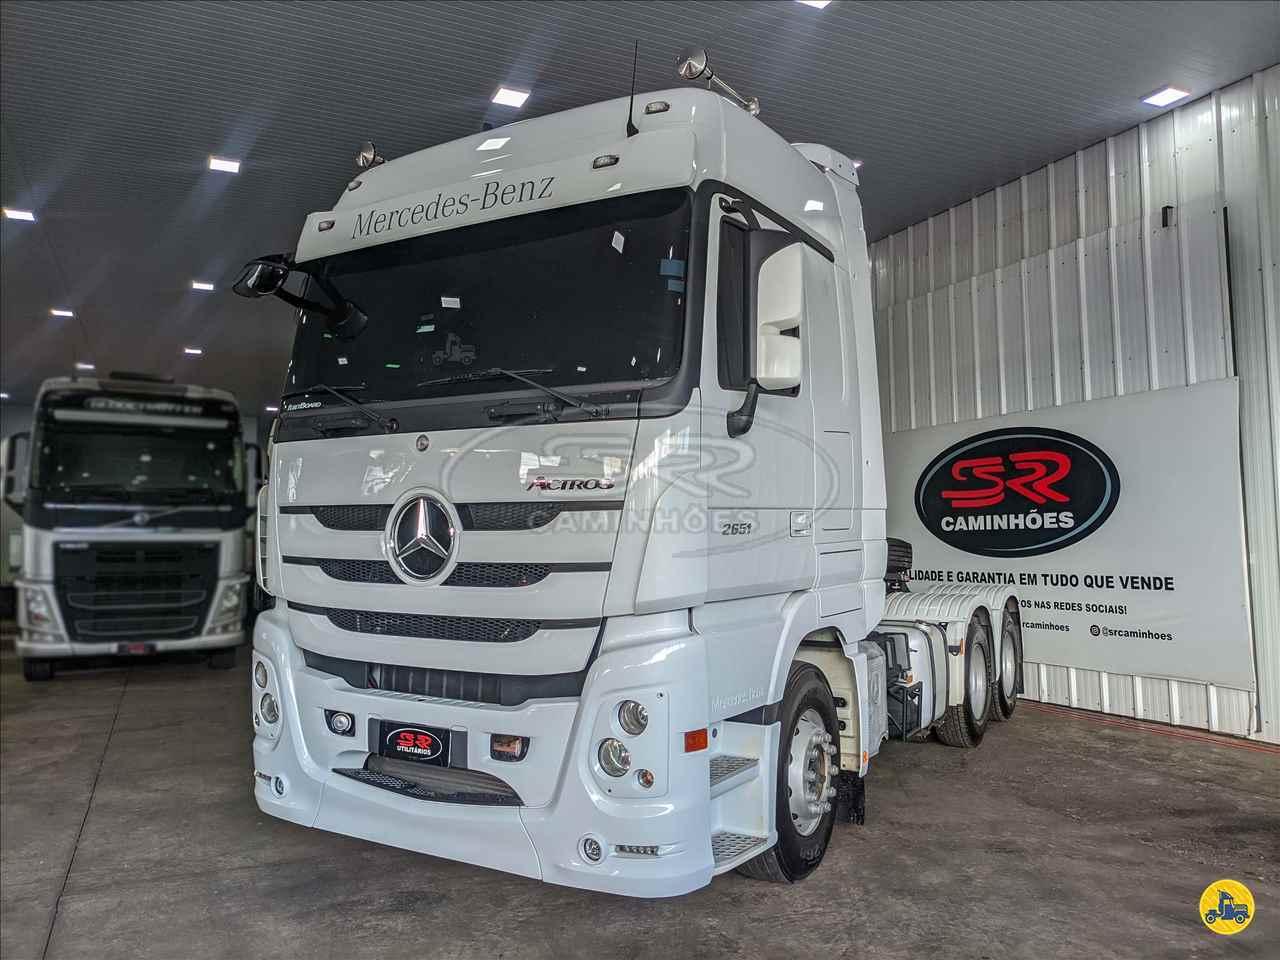 CAMINHAO MERCEDES-BENZ MB 2651 Cavalo Mecânico Traçado 6x4 S R Caminhões LUCAS DO RIO VERDE MATO GROSSO MT